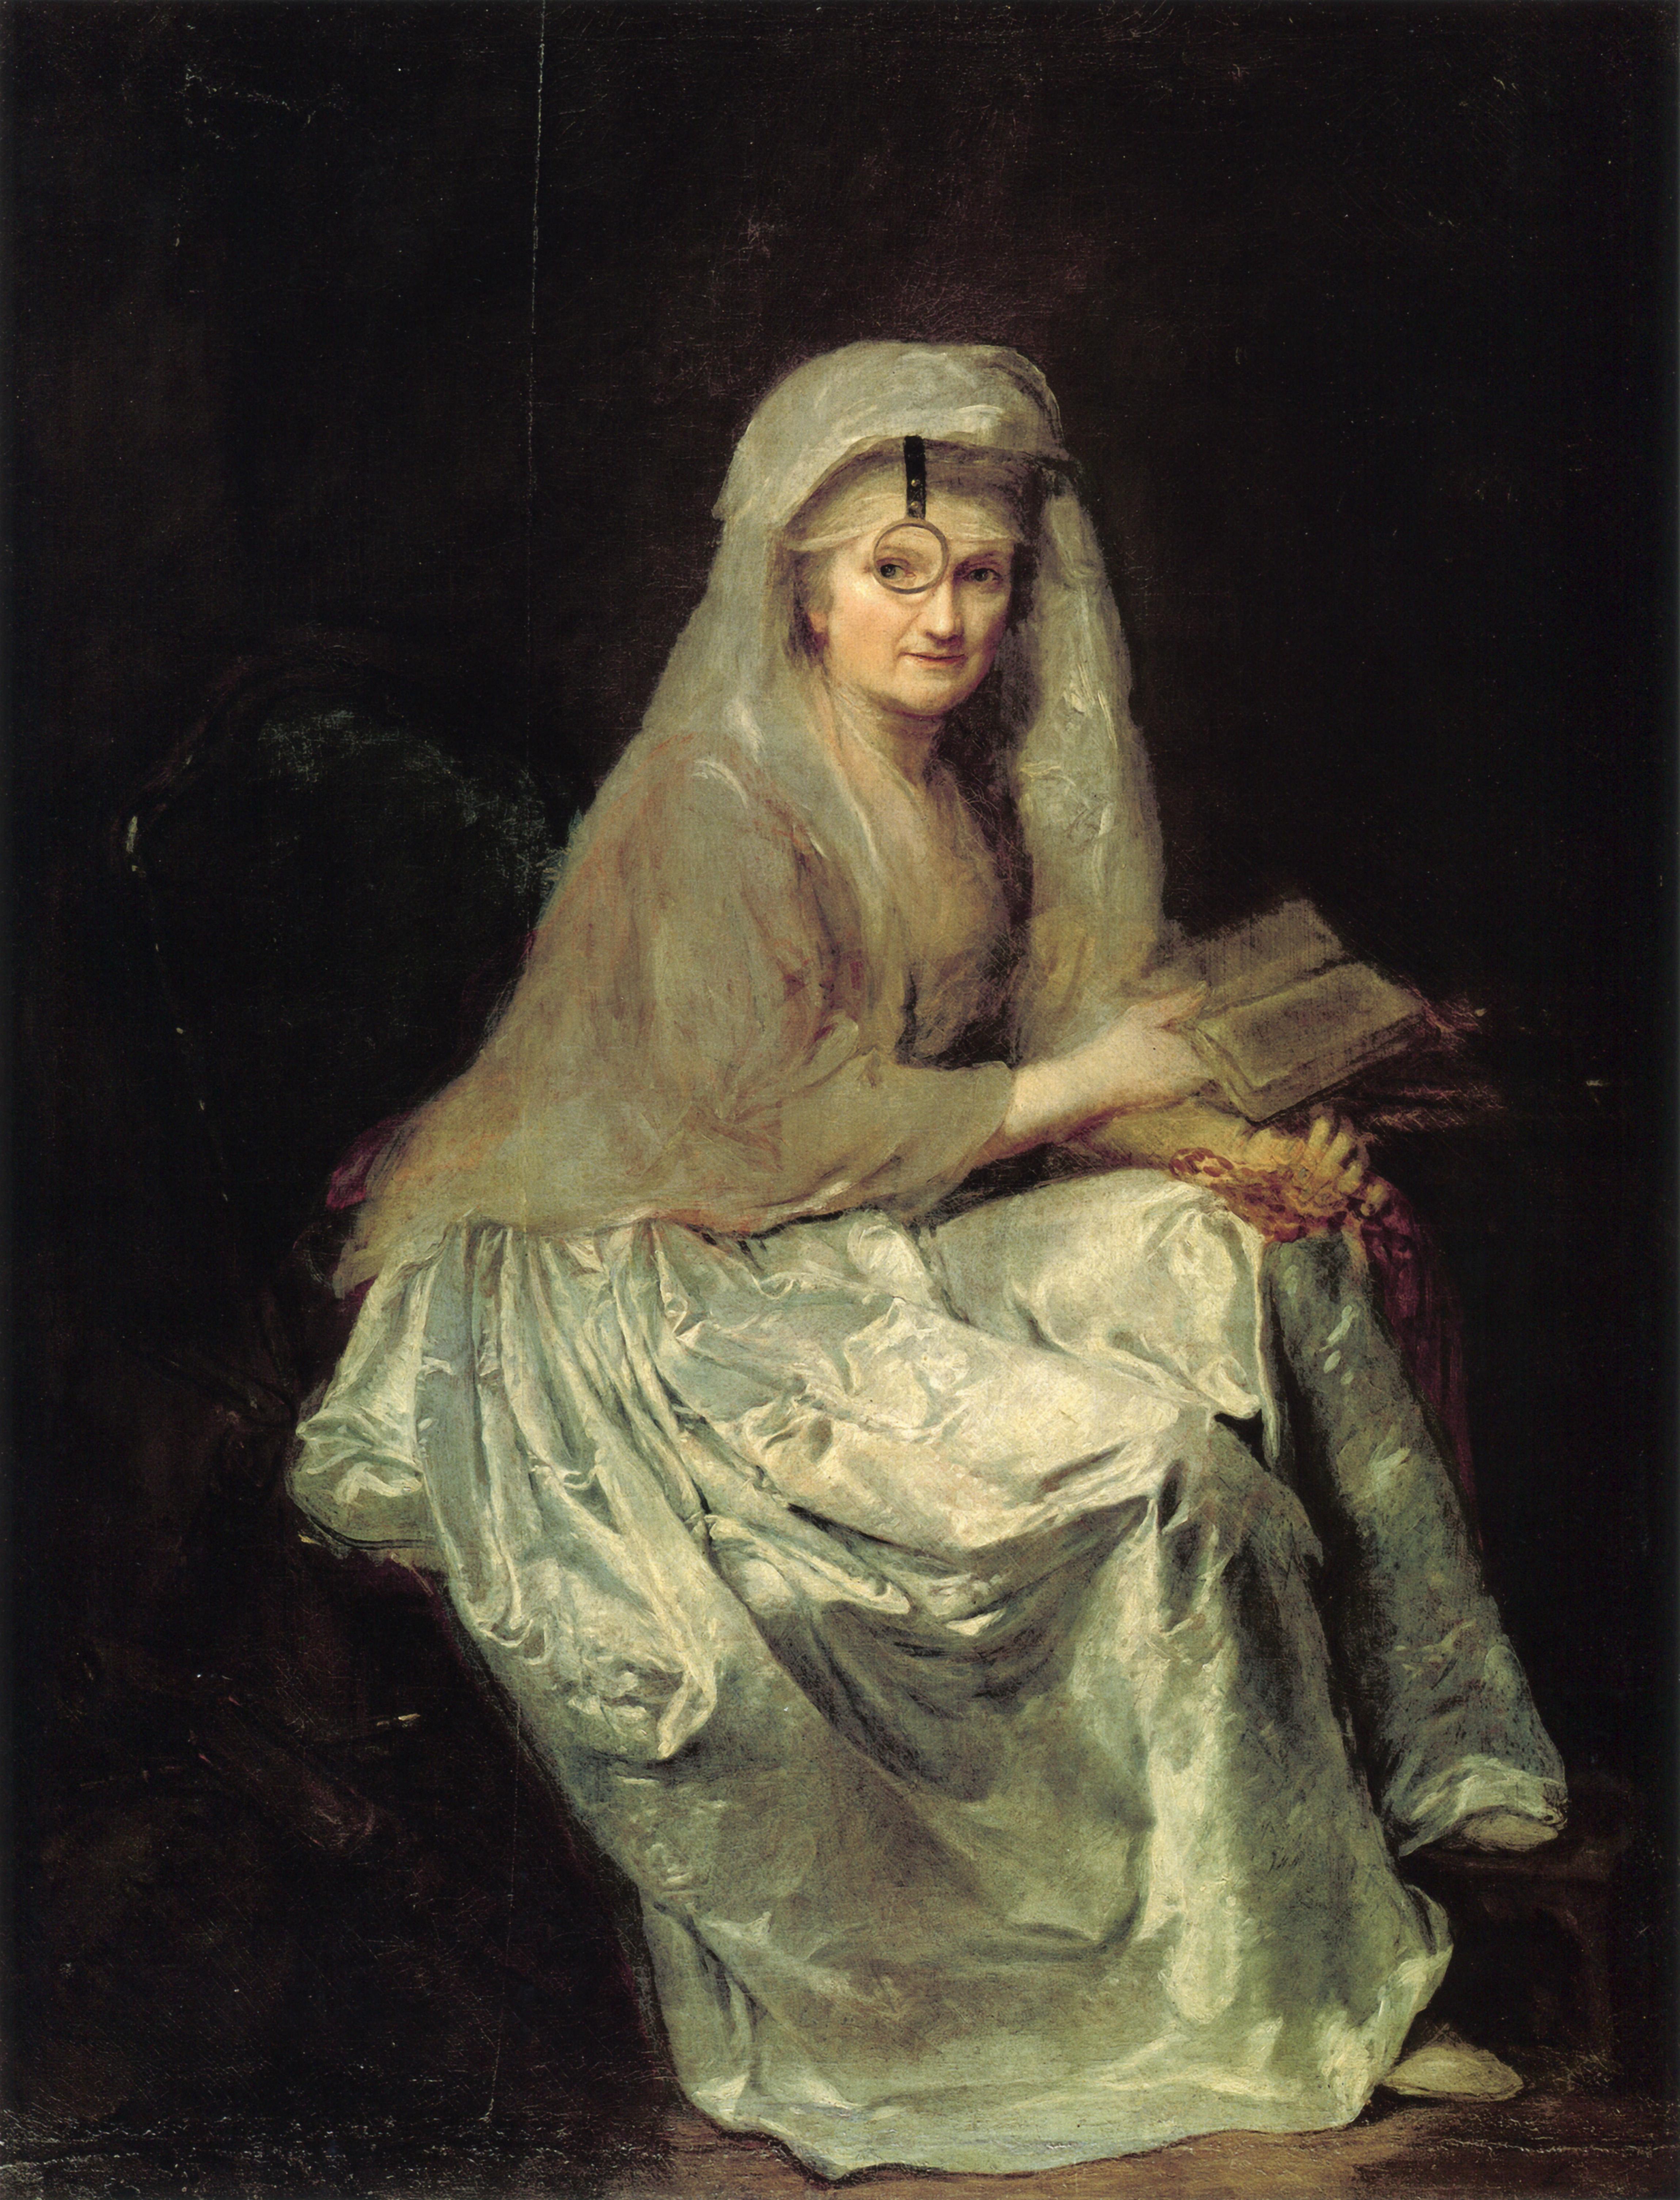 Los libros en el arte - Autorretrato de Anna Dorothea Therbusch